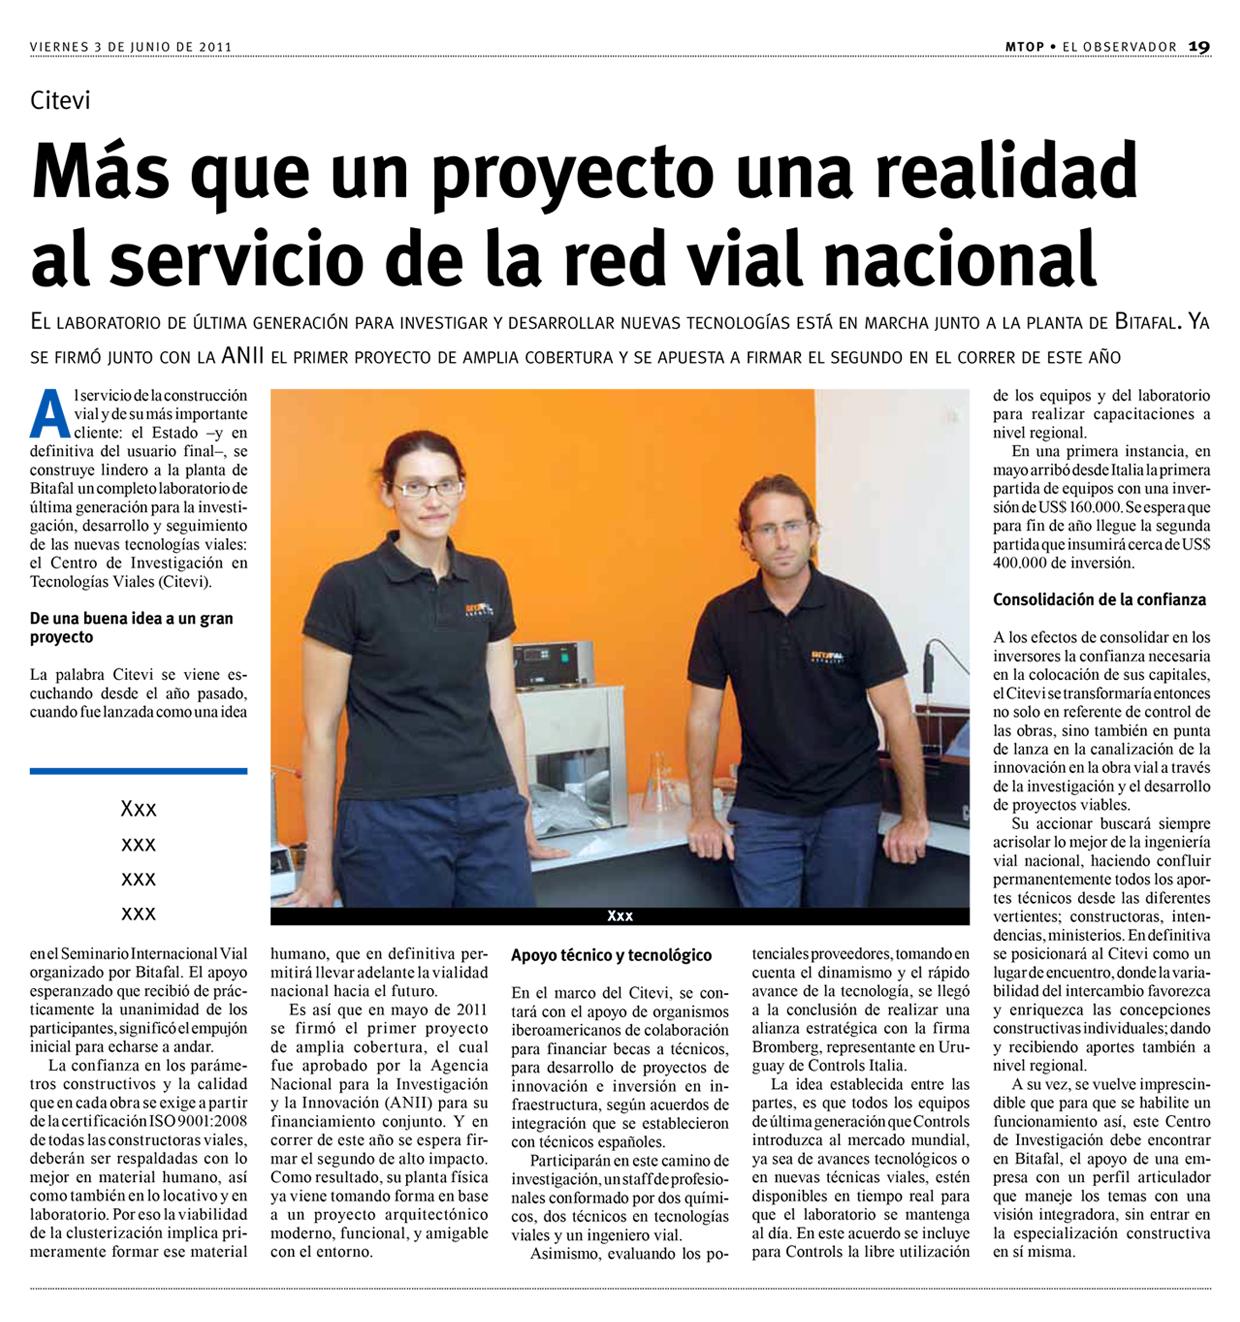 Más que un proyecto una realidad al servicio de la red vial nacional